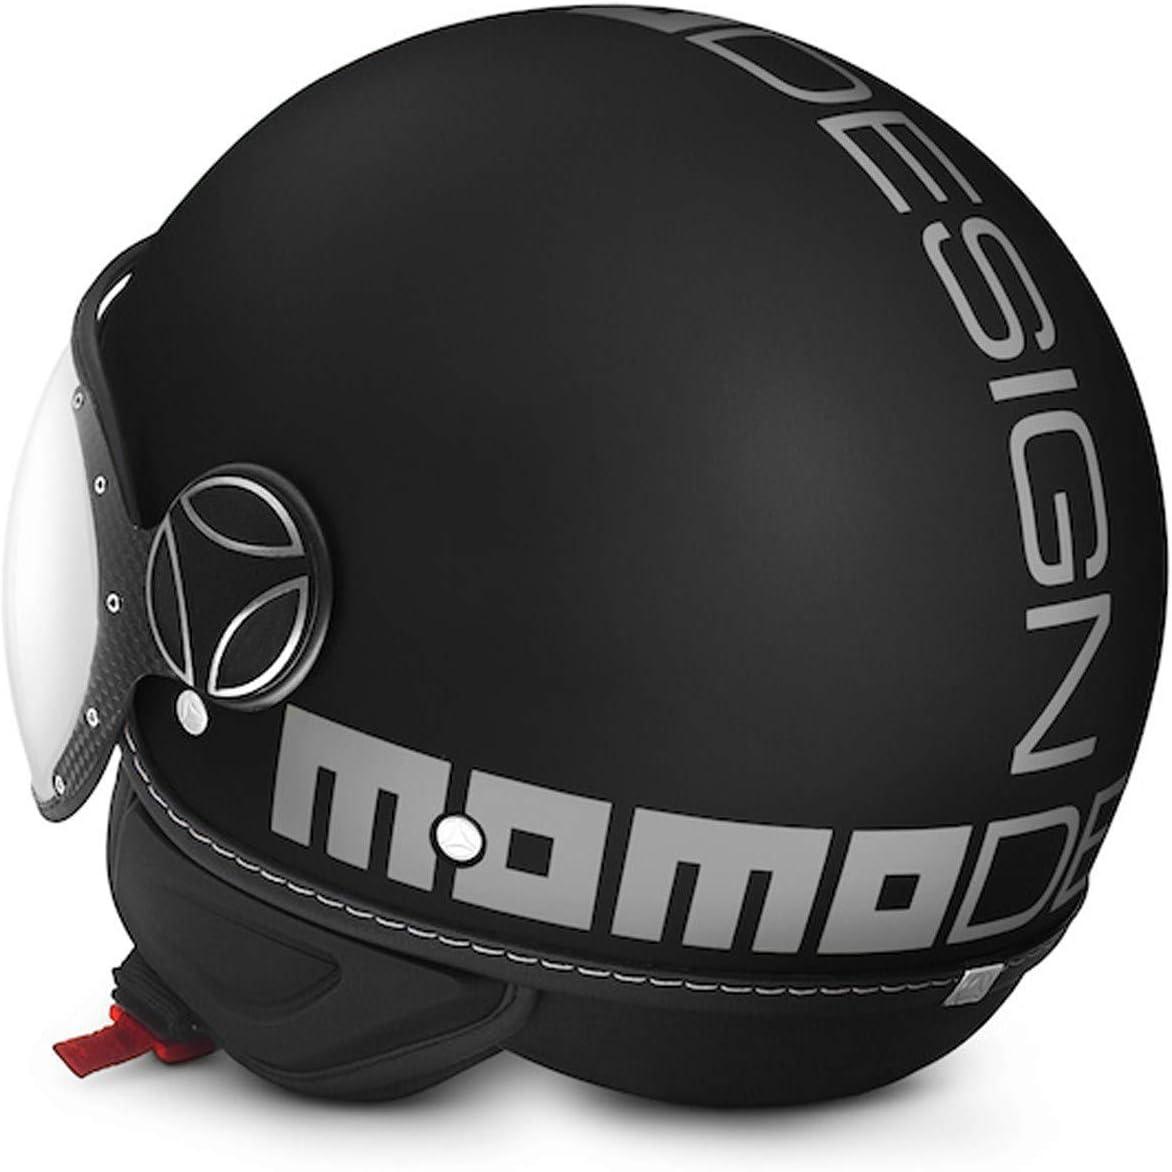 noir mat MOMO fgtr classique casque moto jet ouvert noir mat avec logo argent X-Large